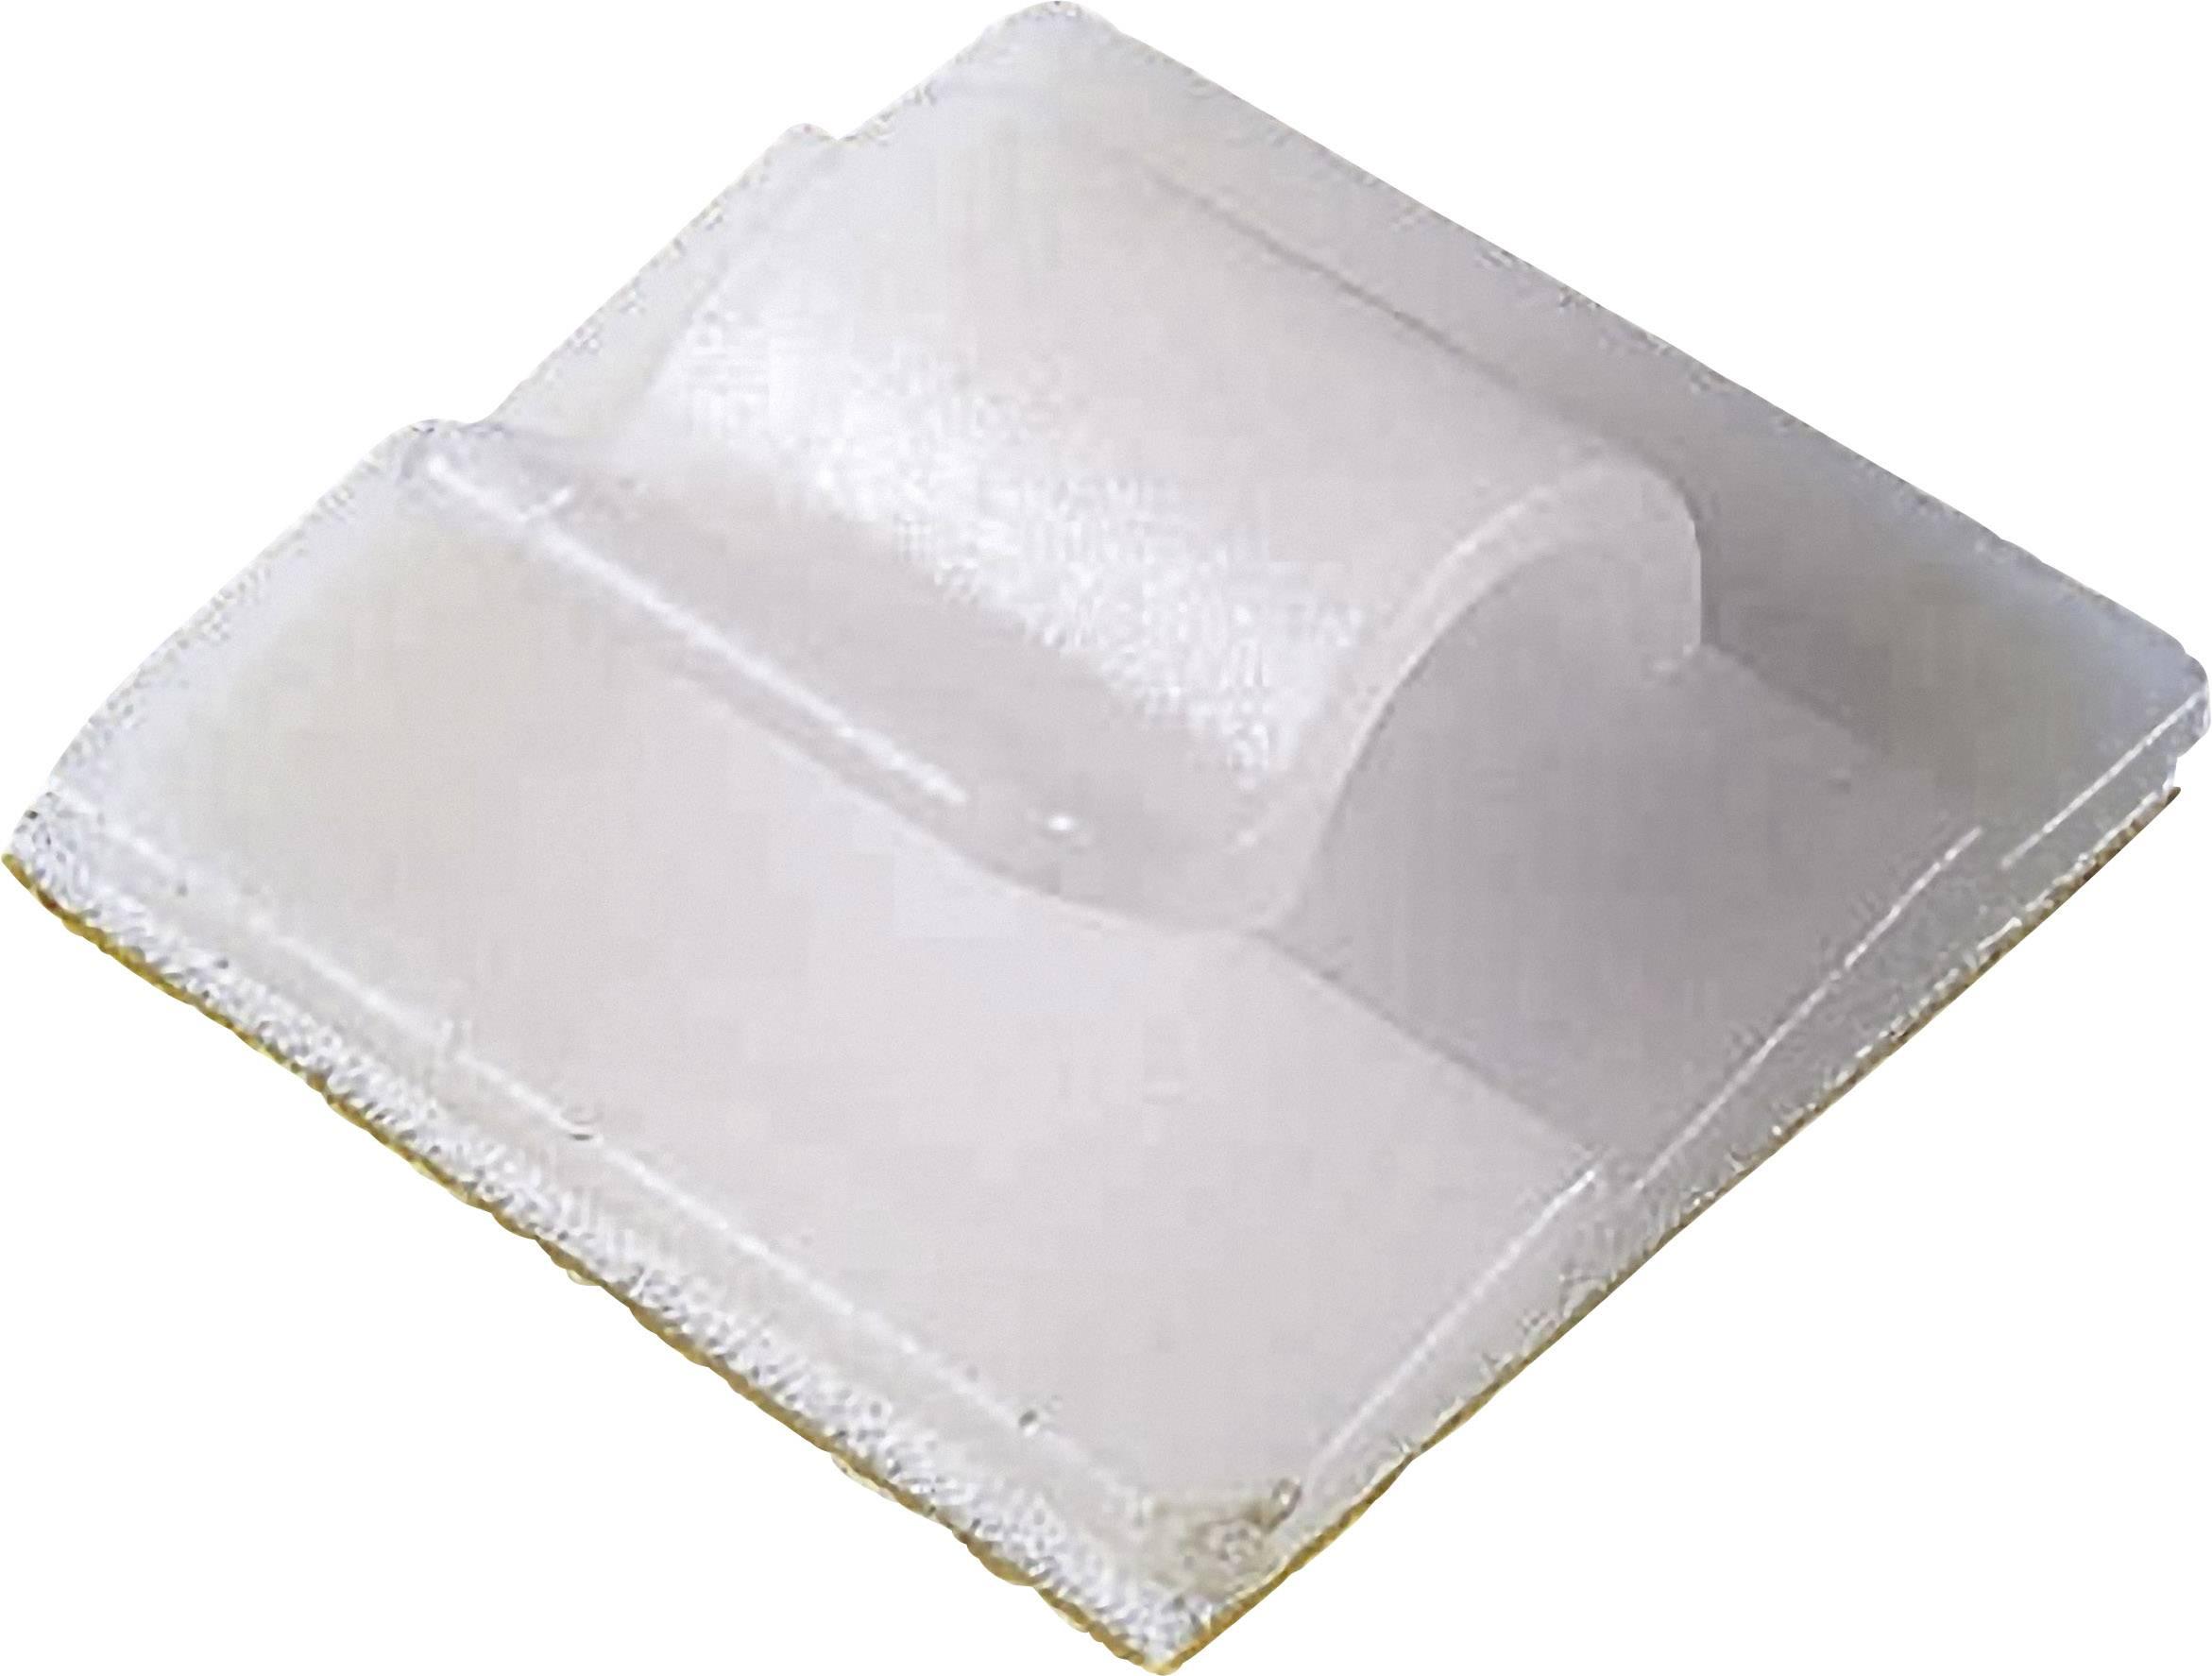 Spona na uchytenie káblu/ov PB Fastener 5436 5436, samolepiaci, 15 mm (max), prírodná, 1 ks